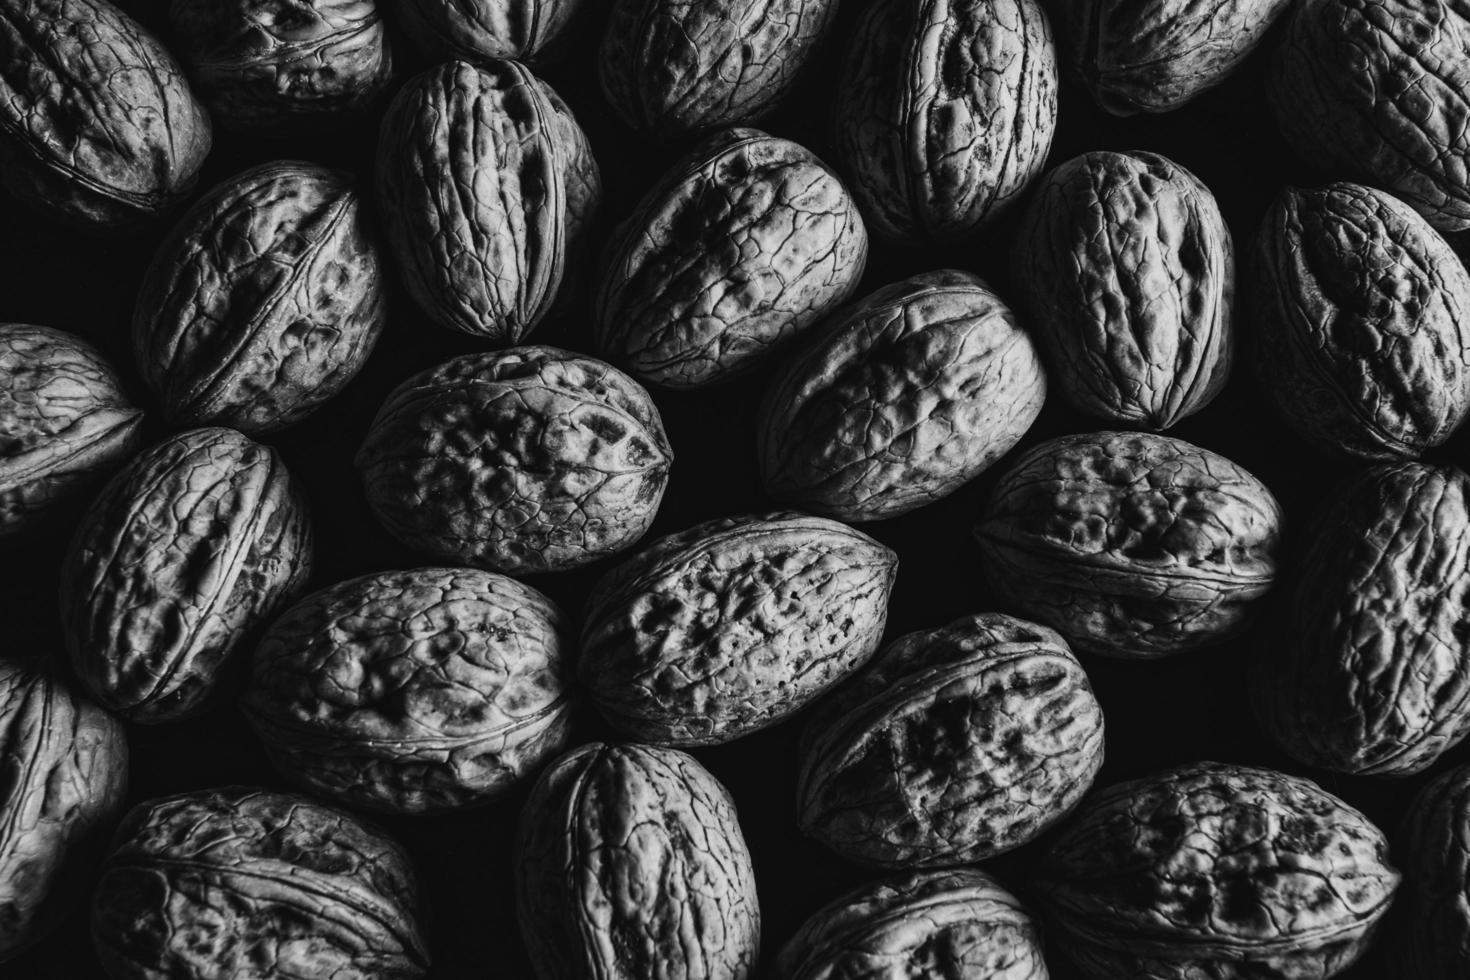 una foto in bianco e nero di alcune noci